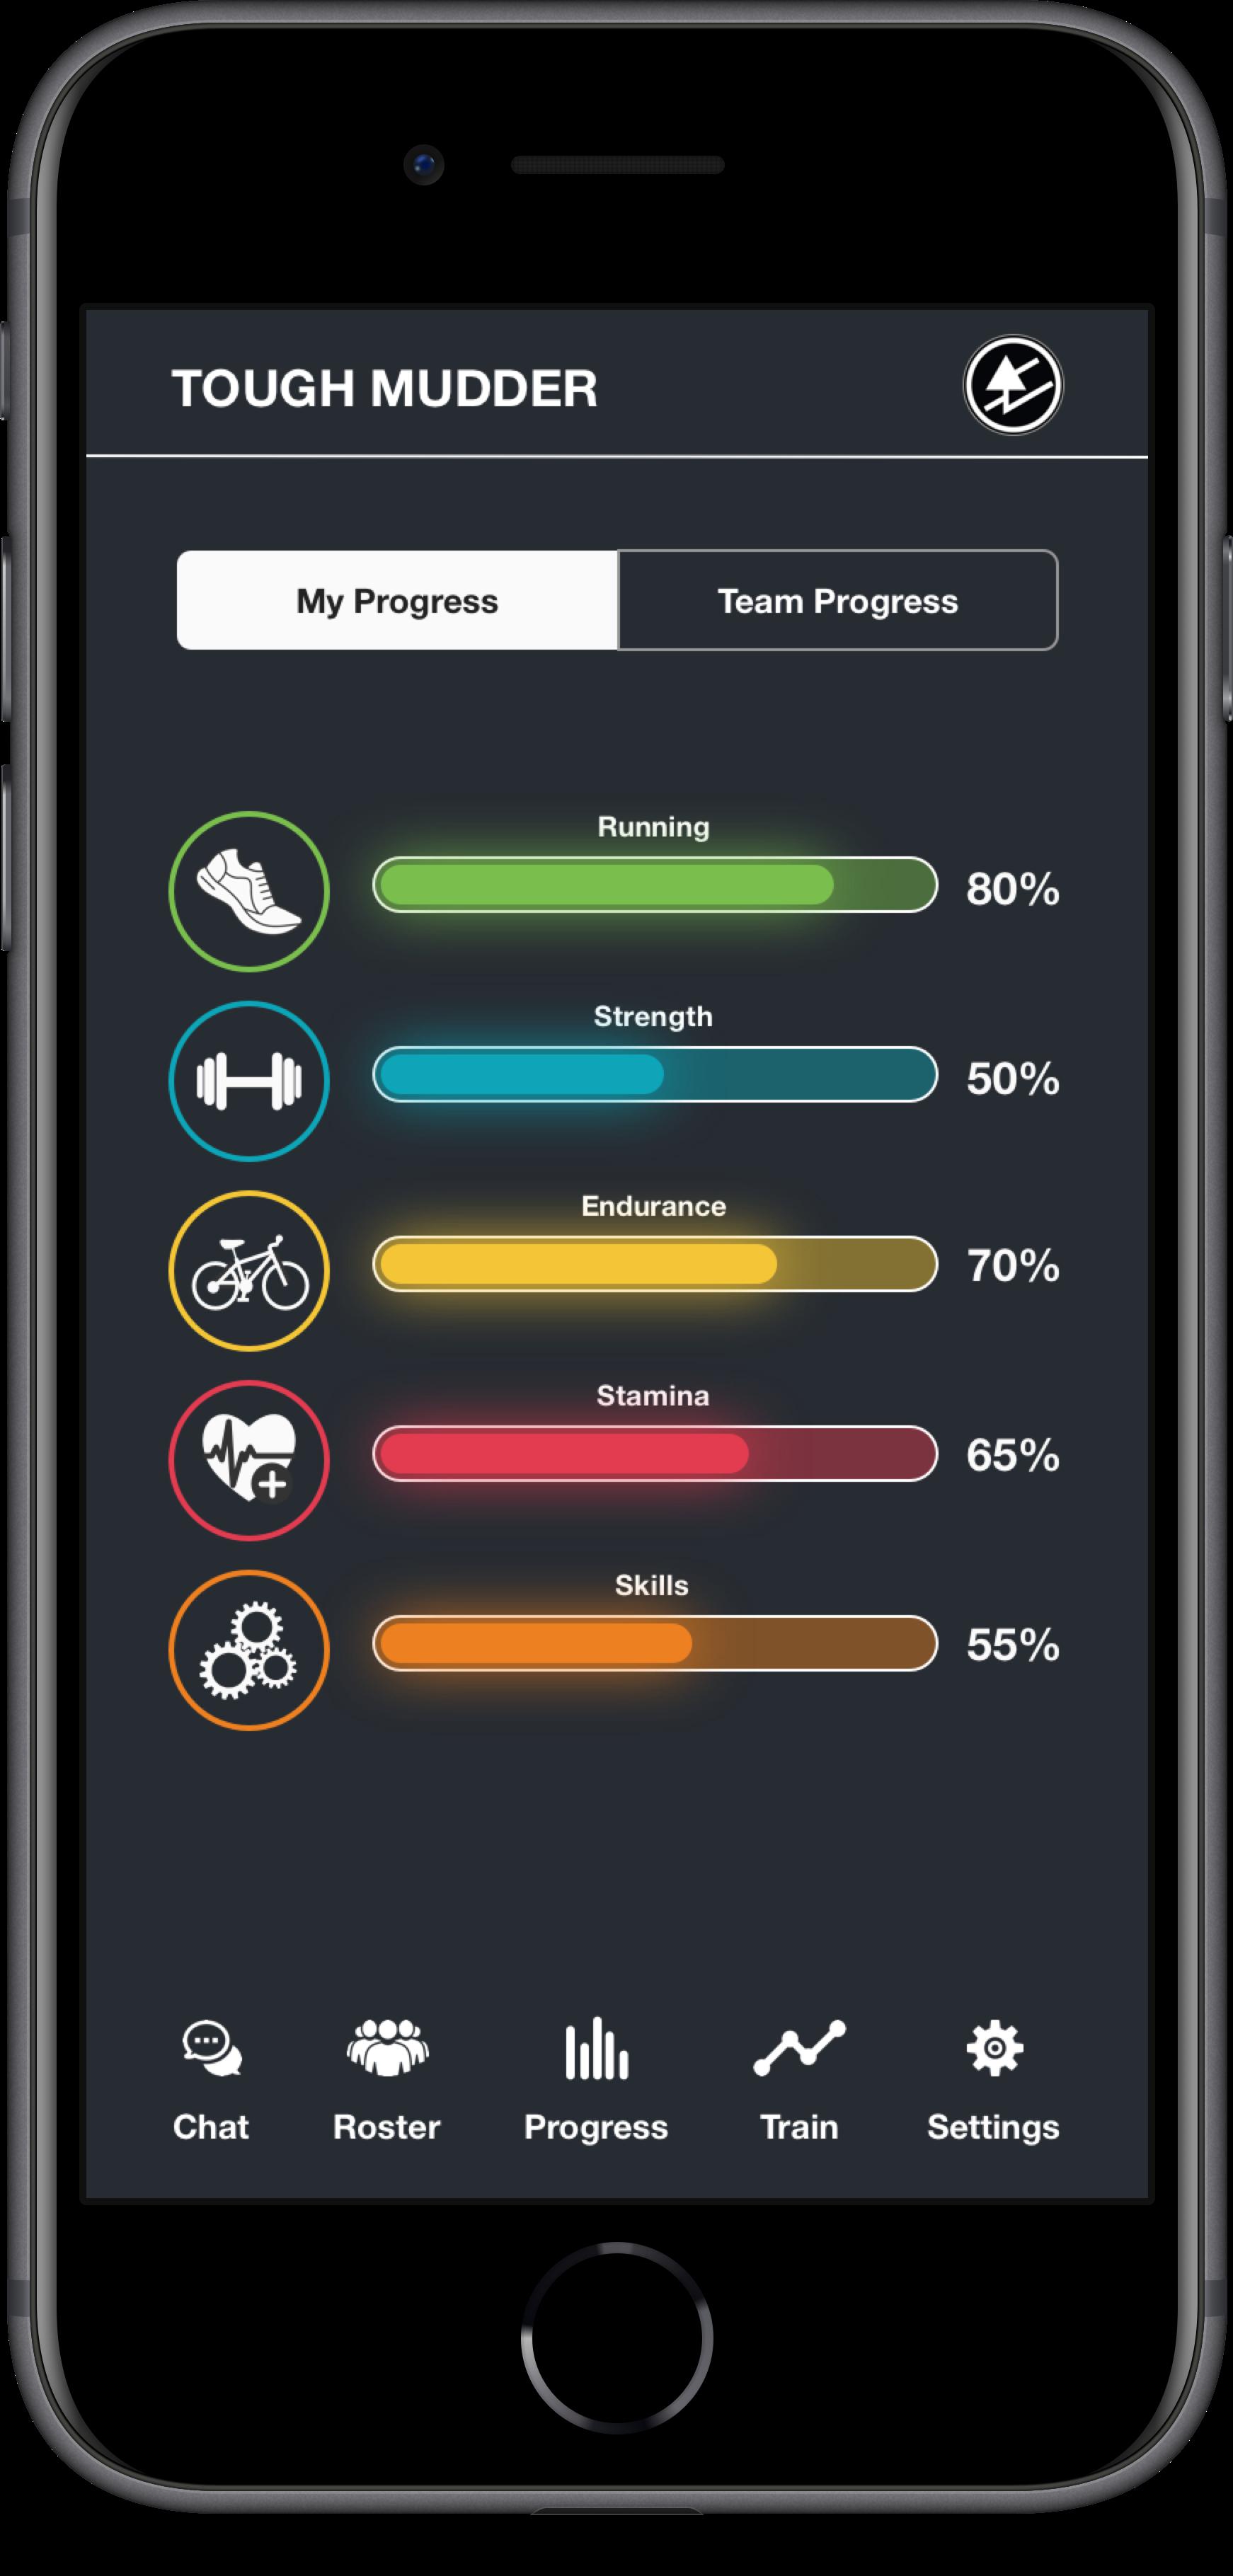 UX Design High Fidelity mobile comp of Tough Mudder app designed in Sketch App